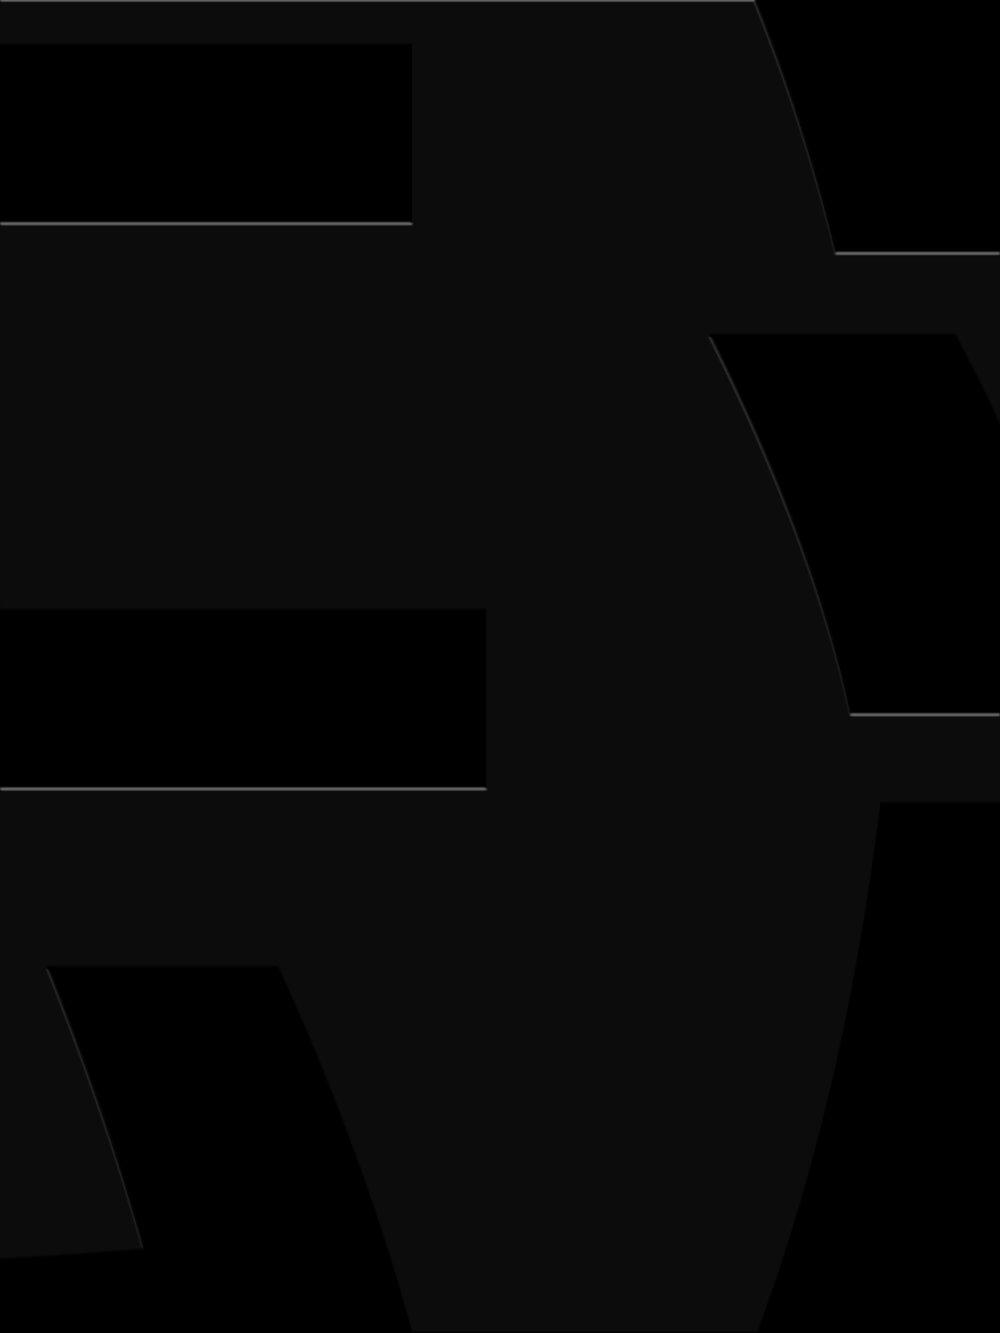 Gap-1.jpg